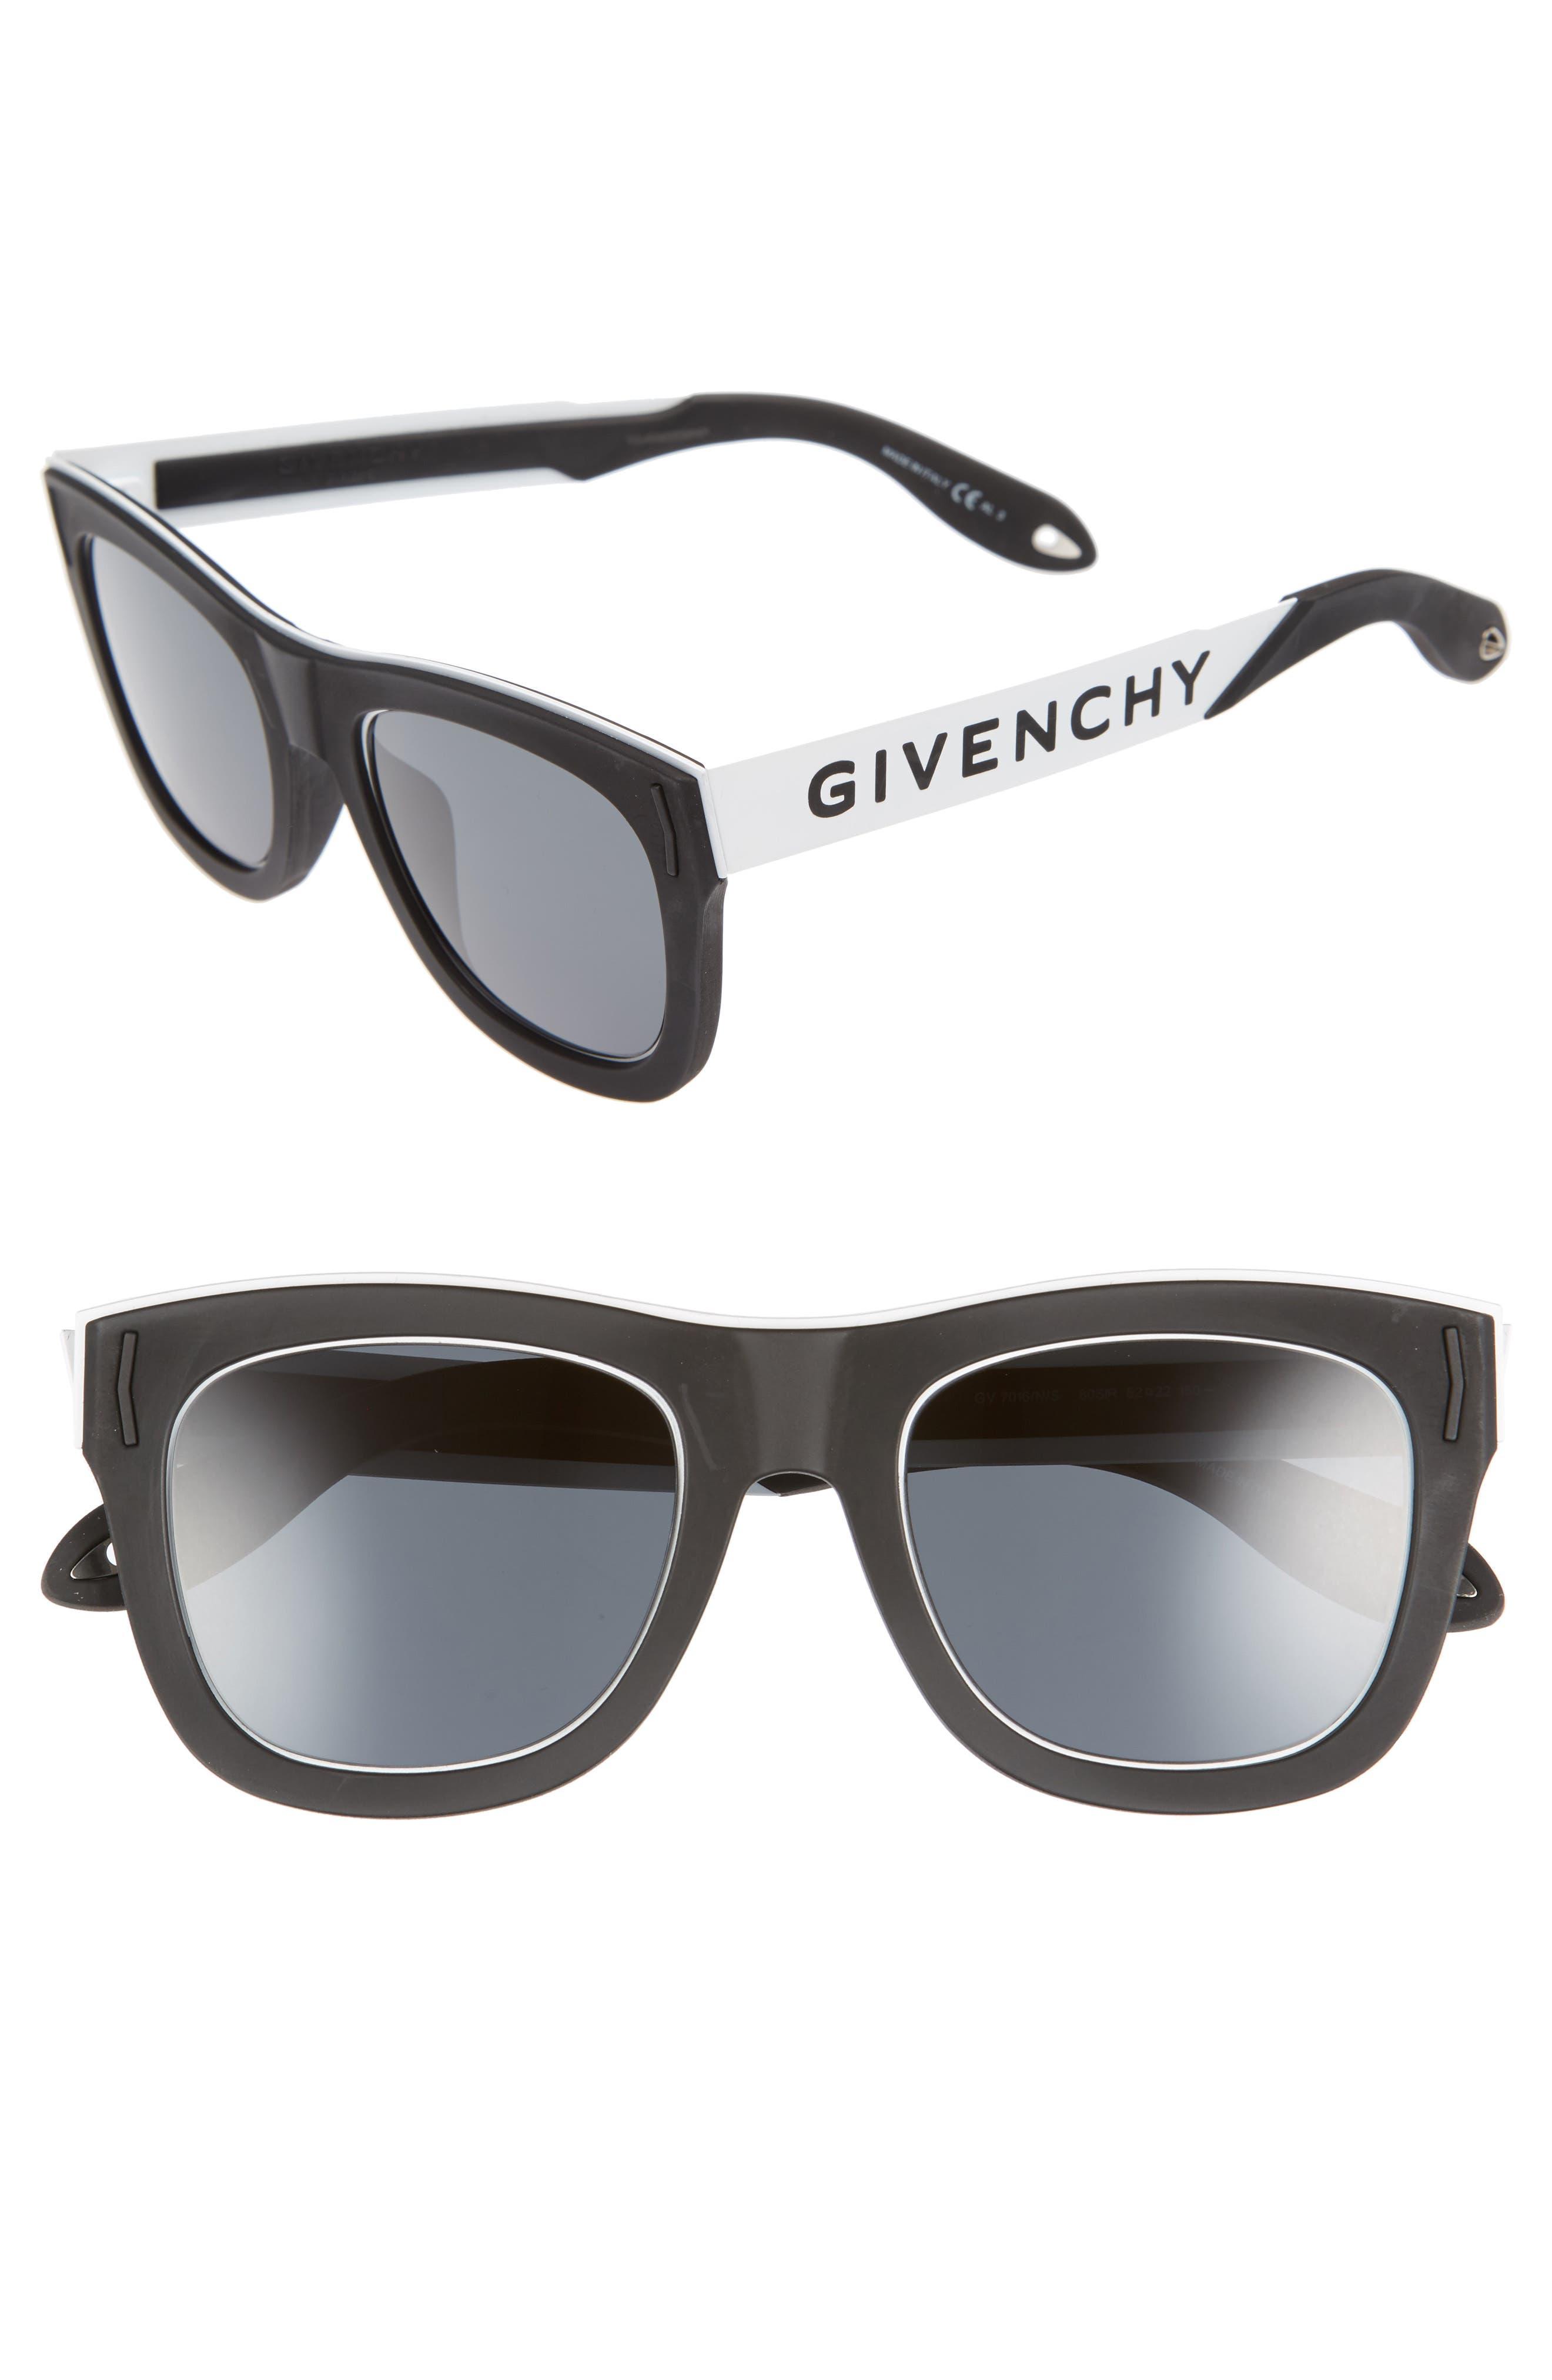 52mm Gradient Lens Sunglasses,                             Main thumbnail 1, color,                             001